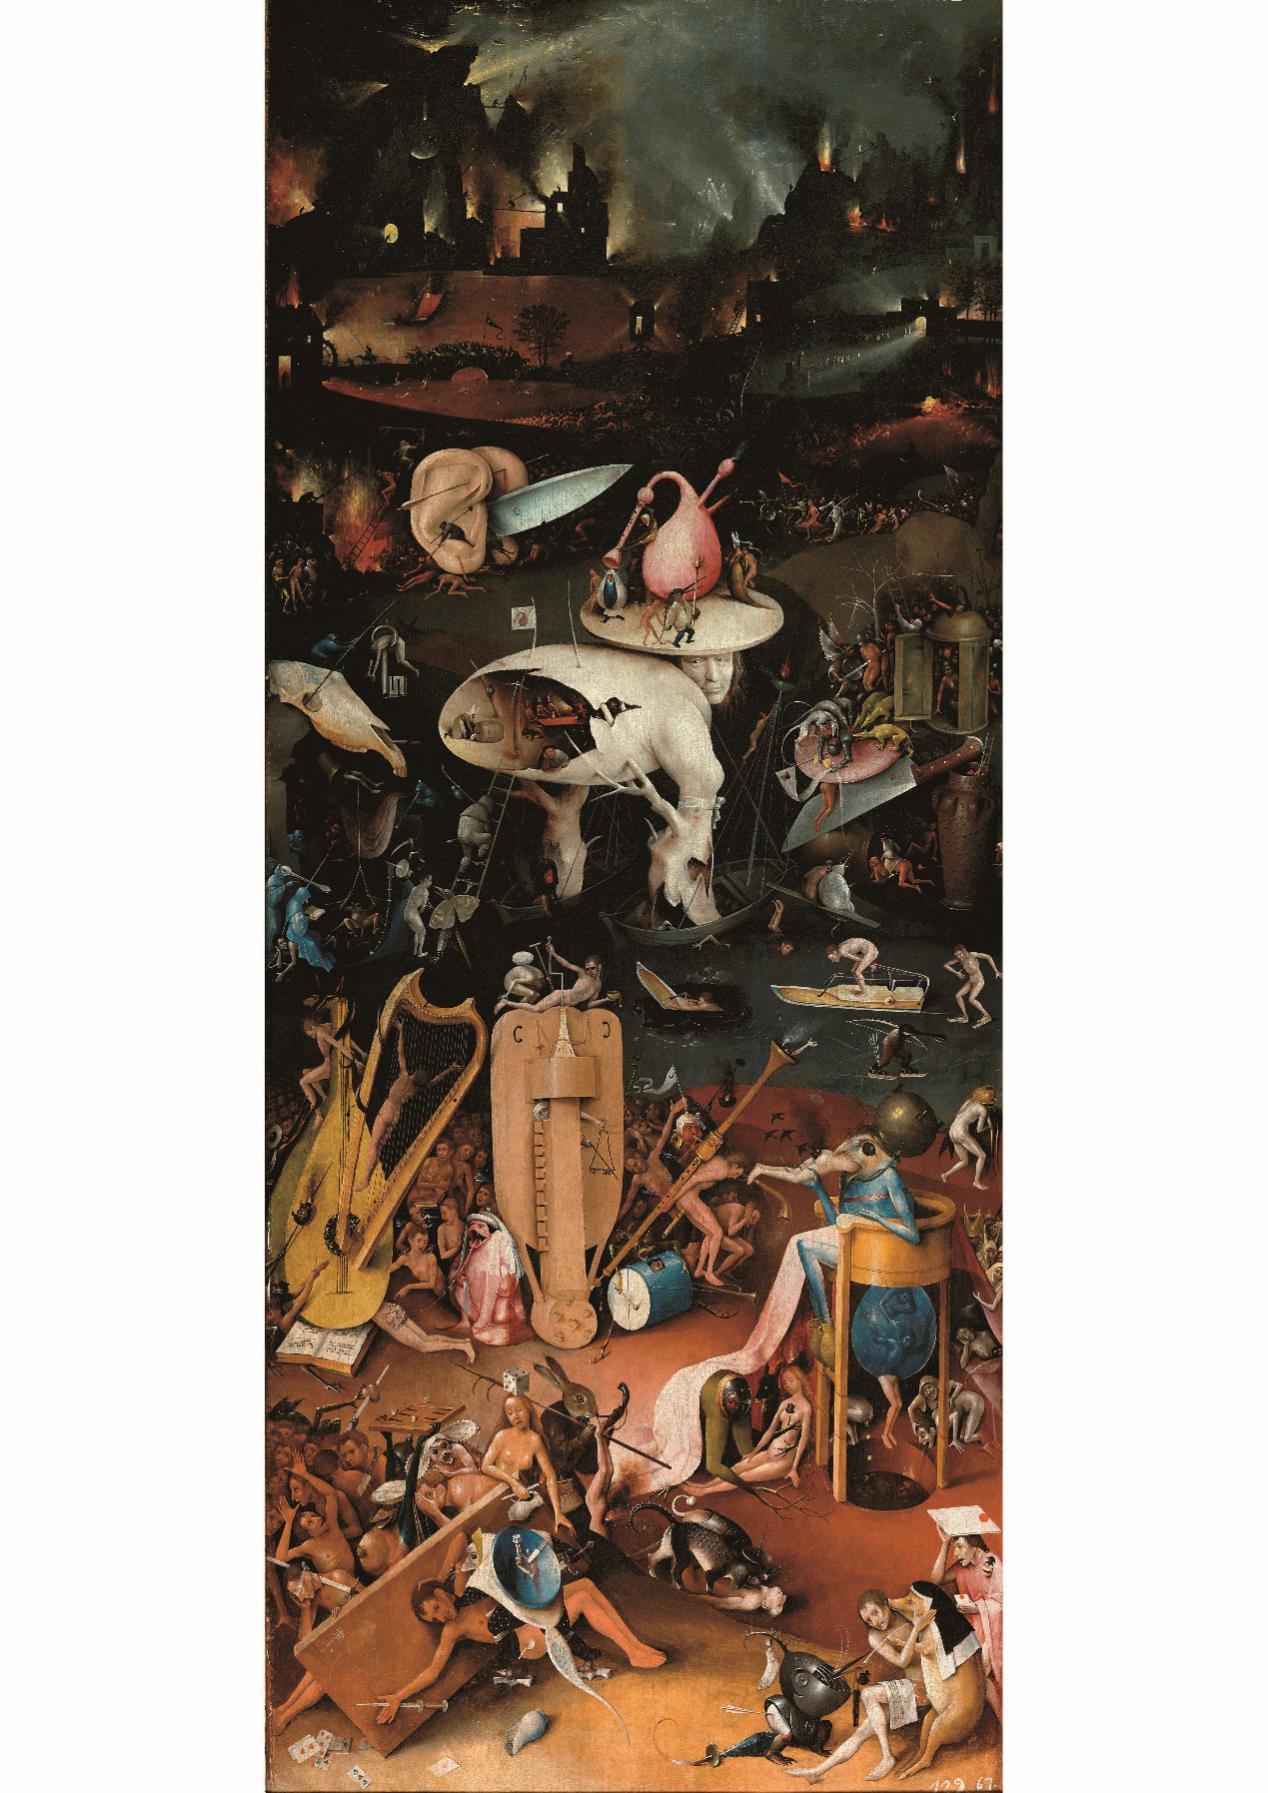 """《快乐之园》三联画右侧画面局部 图源:""""欧洲文艺复兴大师""""书系之《博斯》"""